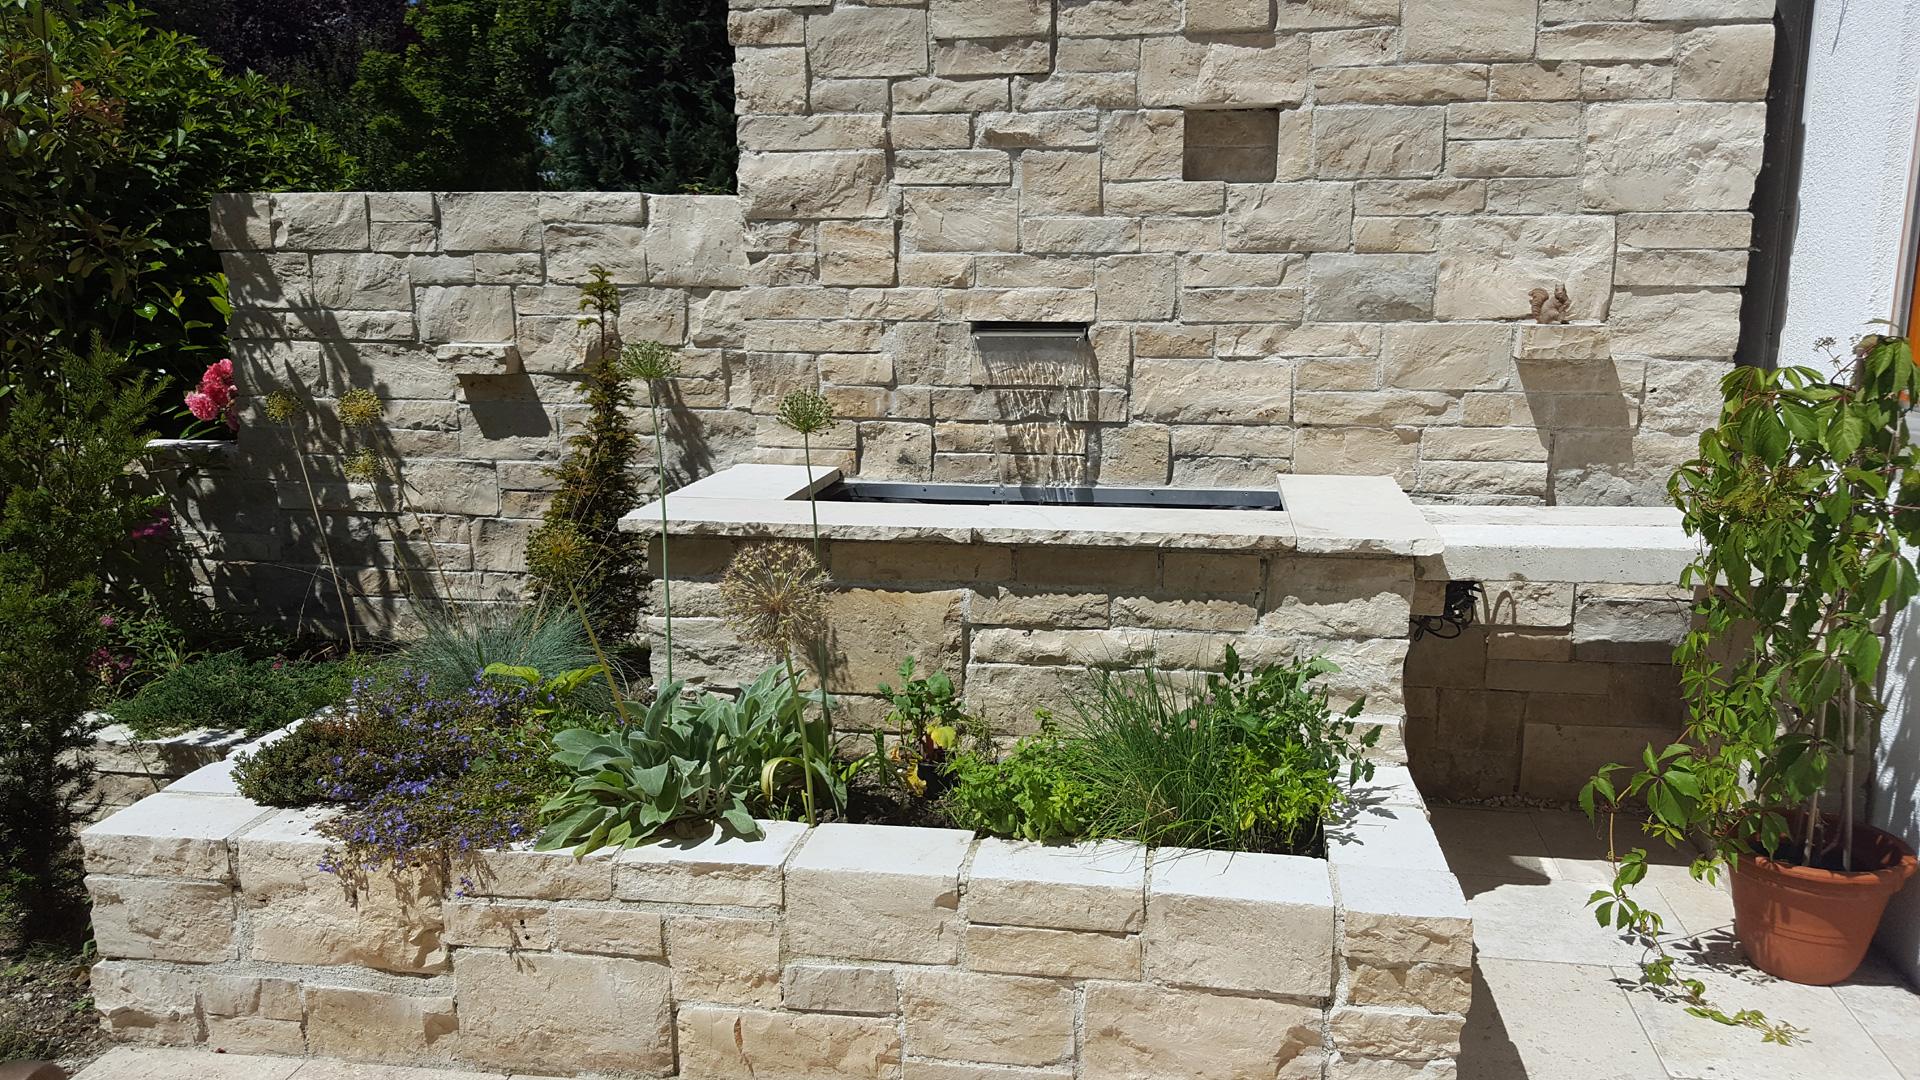 Inspirierend gartengestaltung vorgarten schema for Gartengestaltung